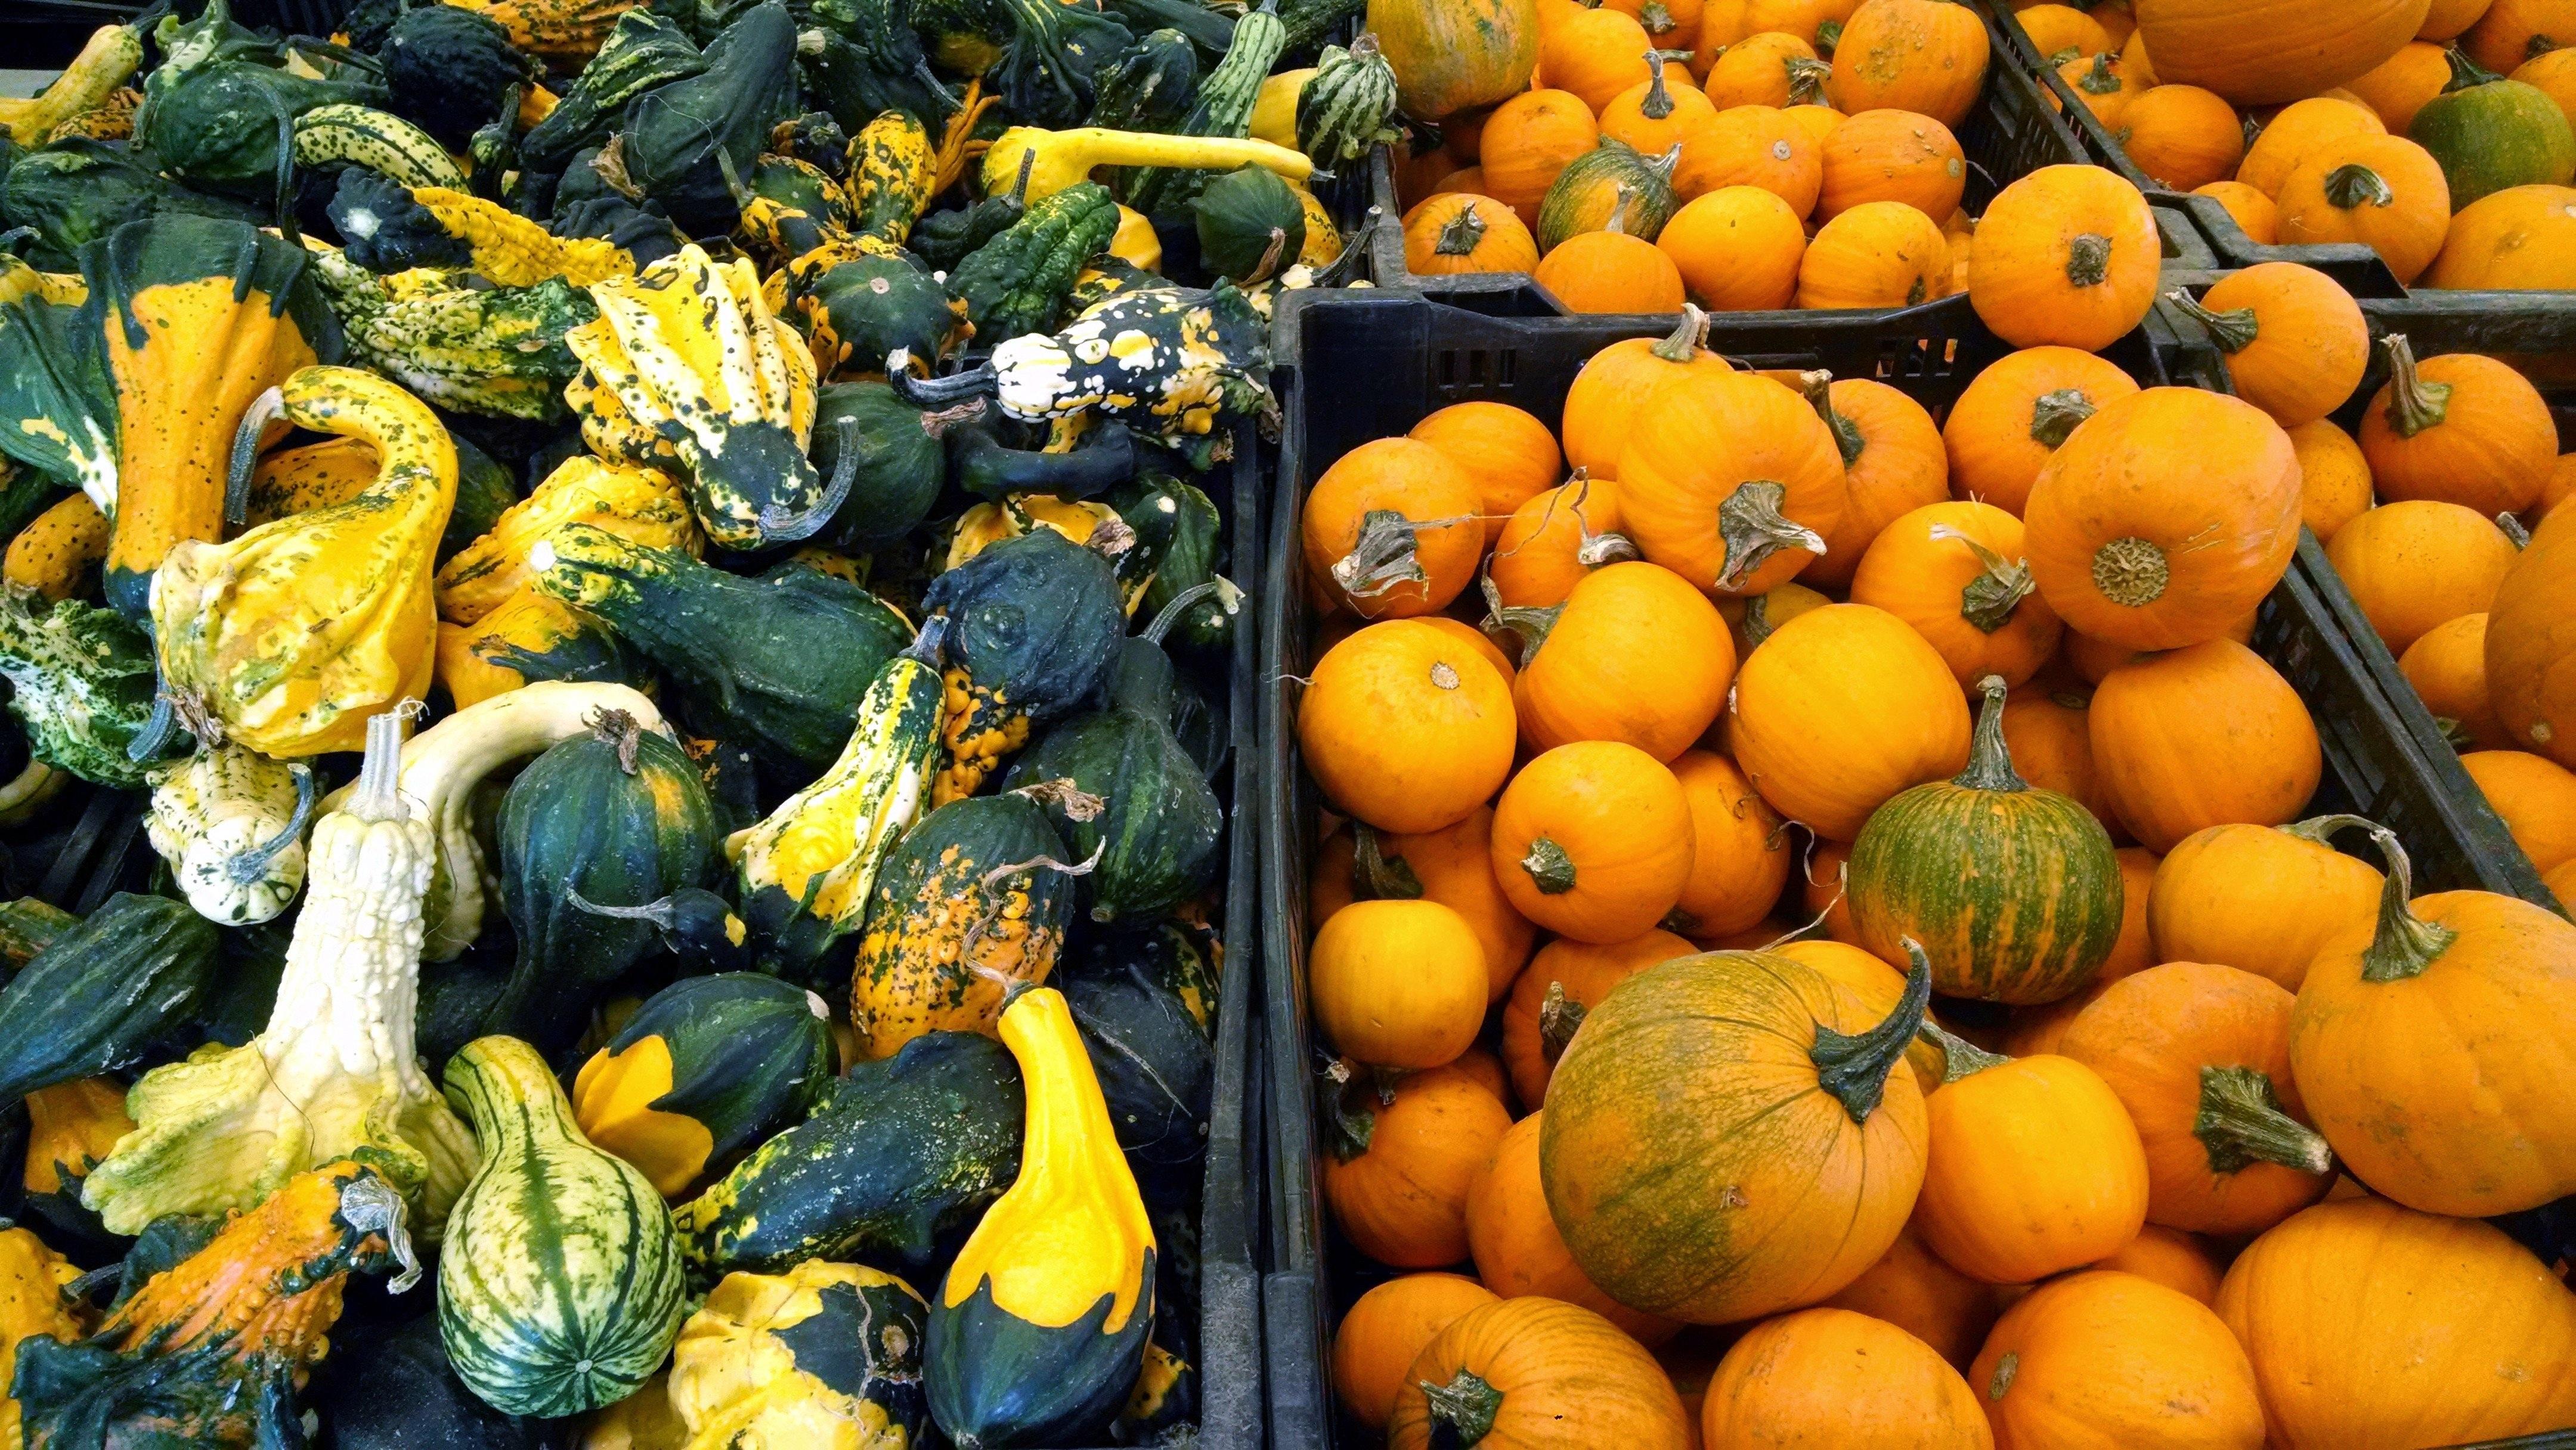 free images farm fruit fall celebration decoration orange